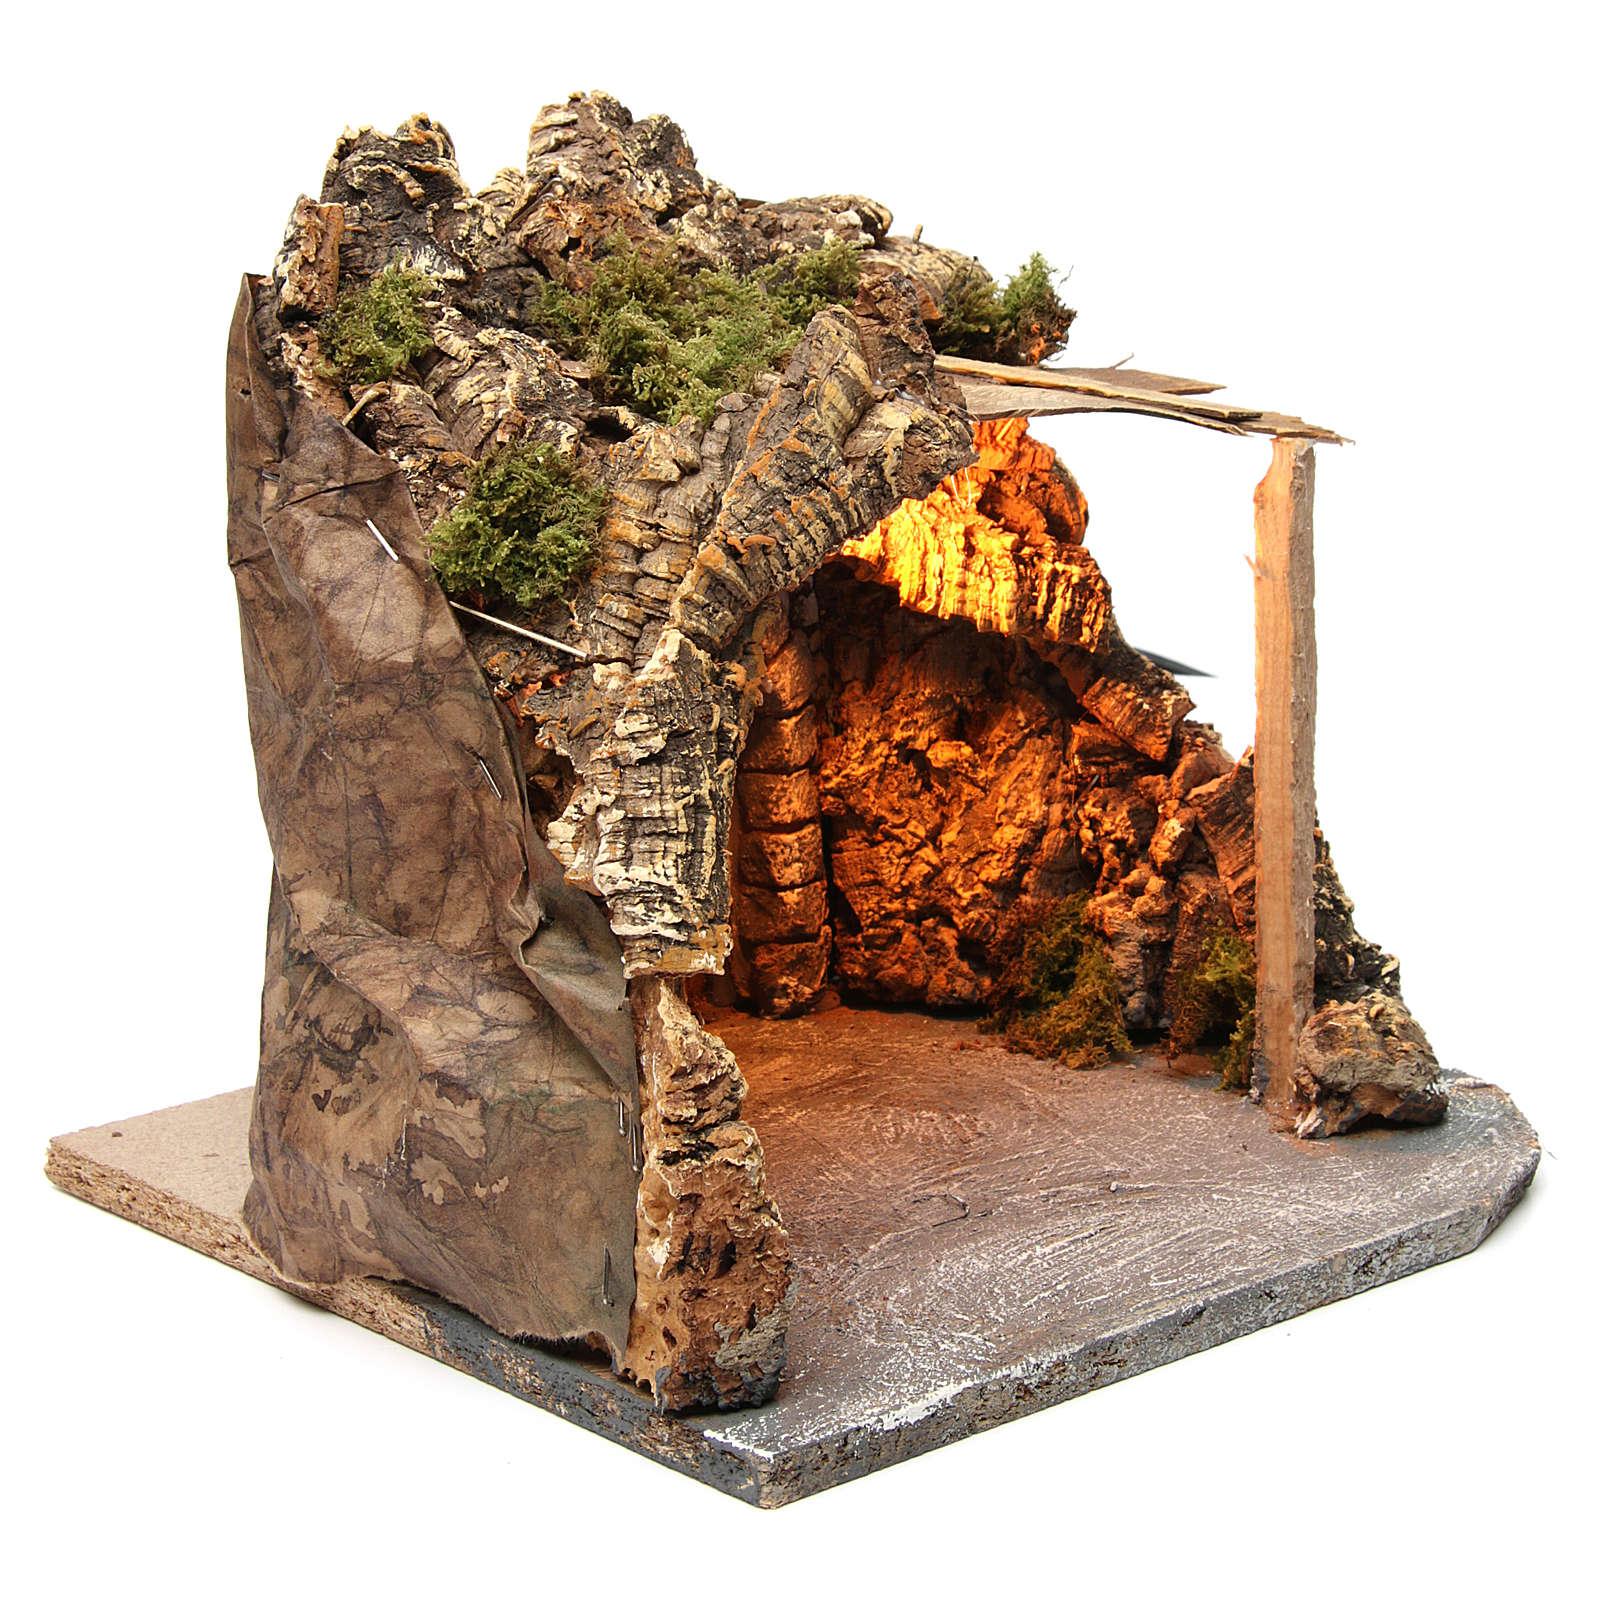 Ambientación iluminada con cobertizo madera y corcho 25x30x25 cm belén napolitano 4